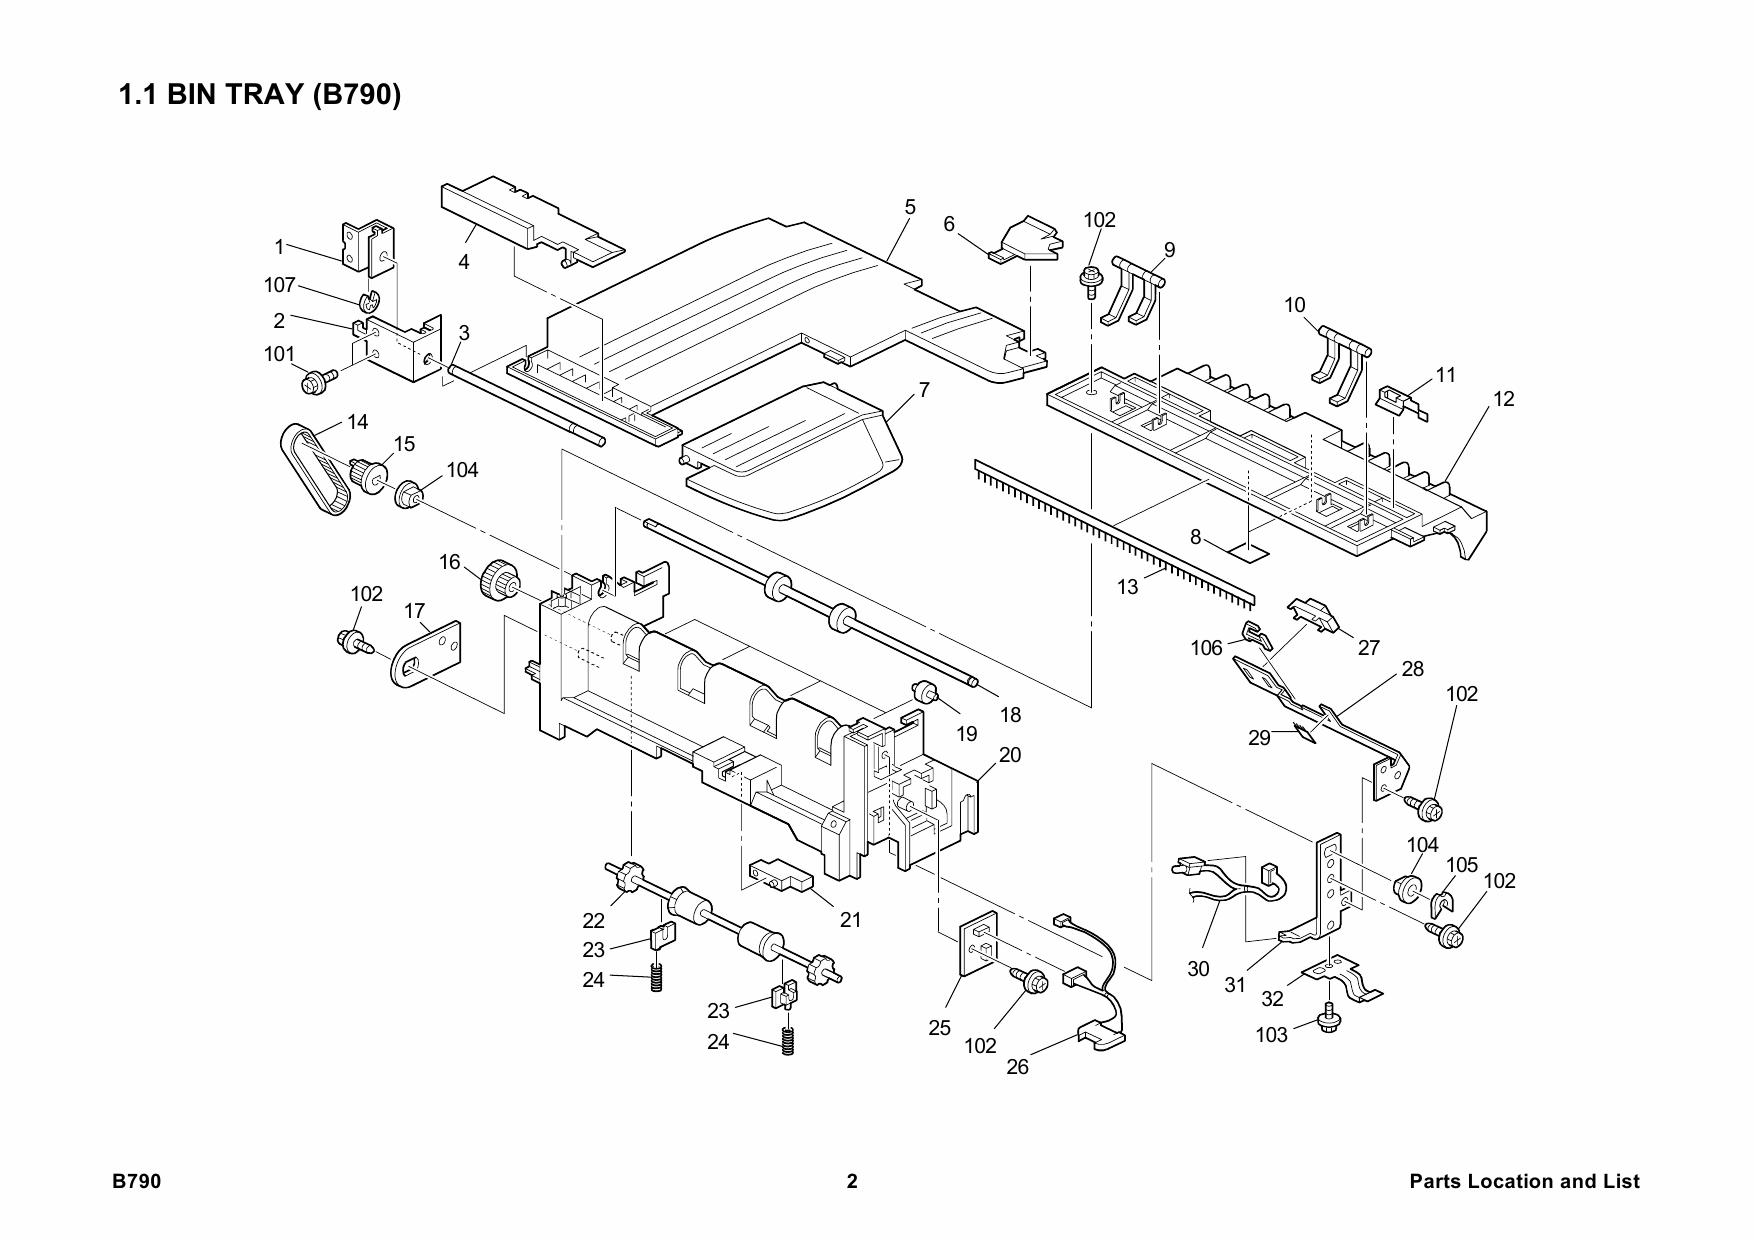 RICOH Options B790 INTERNAL-SHIFT-TRAY-SH3000 Parts